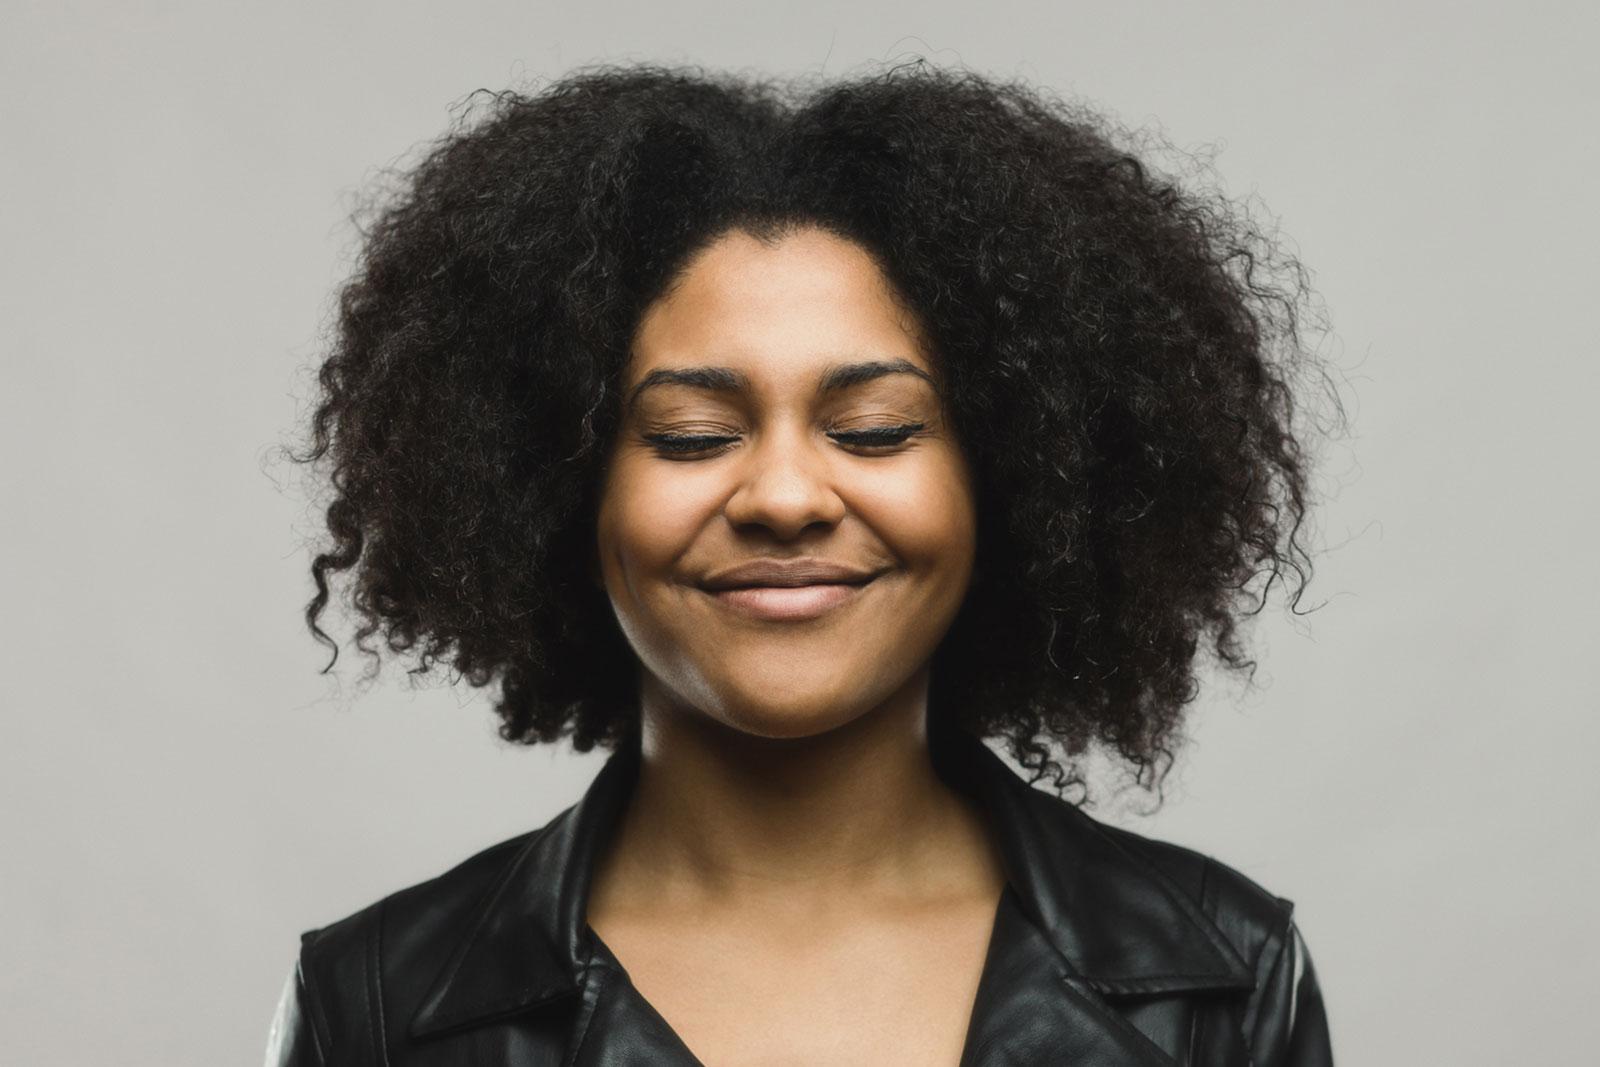 pear-shaped face hair cut | lovetoknow